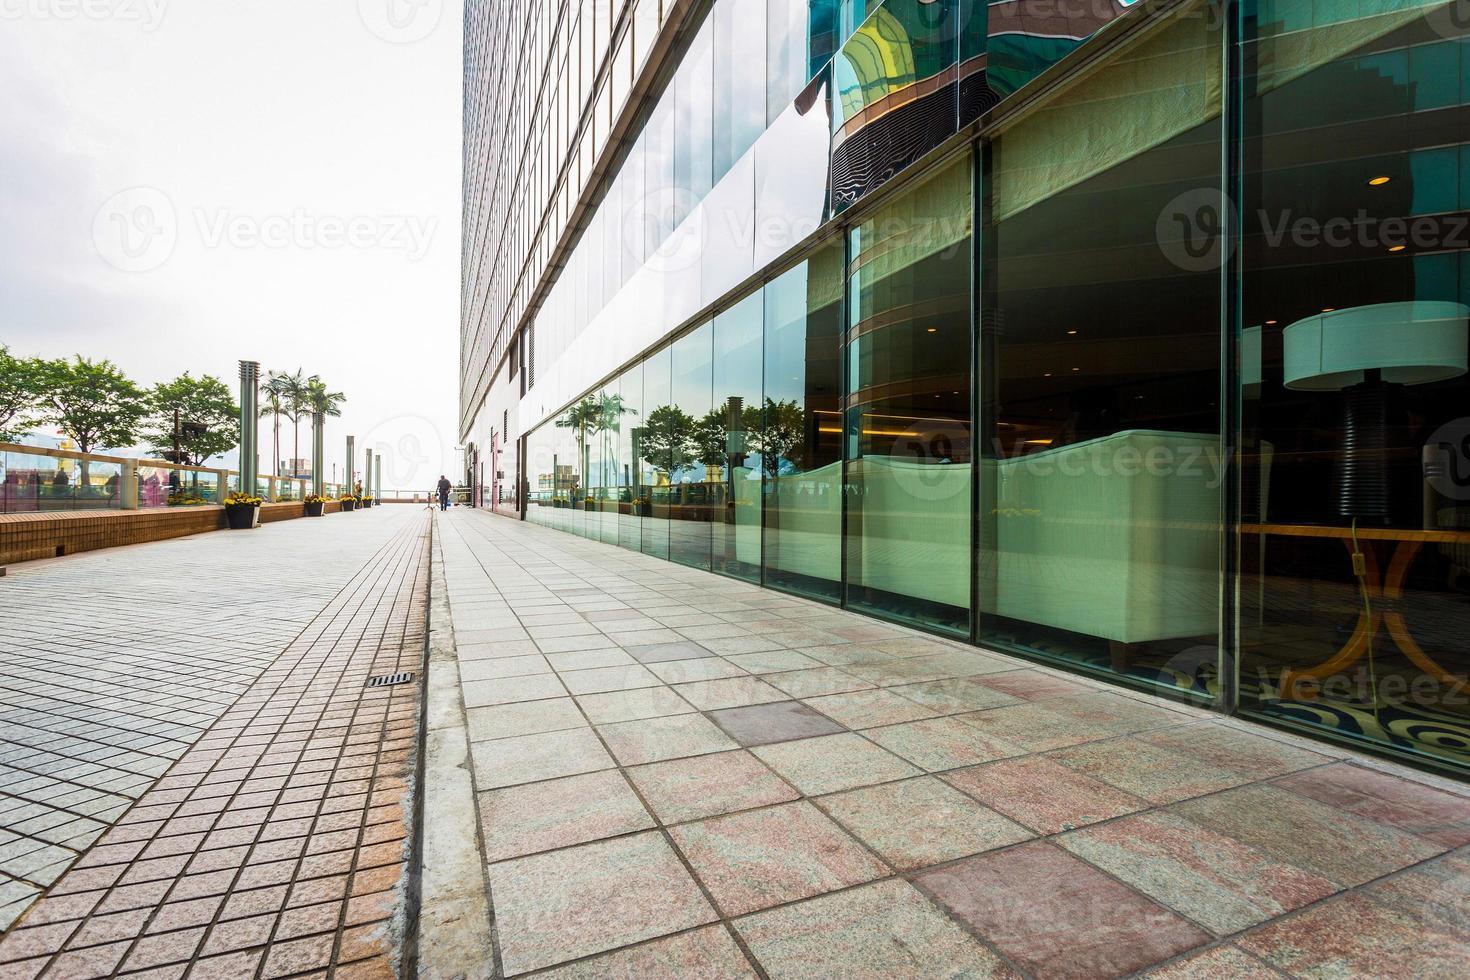 edifício comercial moderno com estrada vazia foto